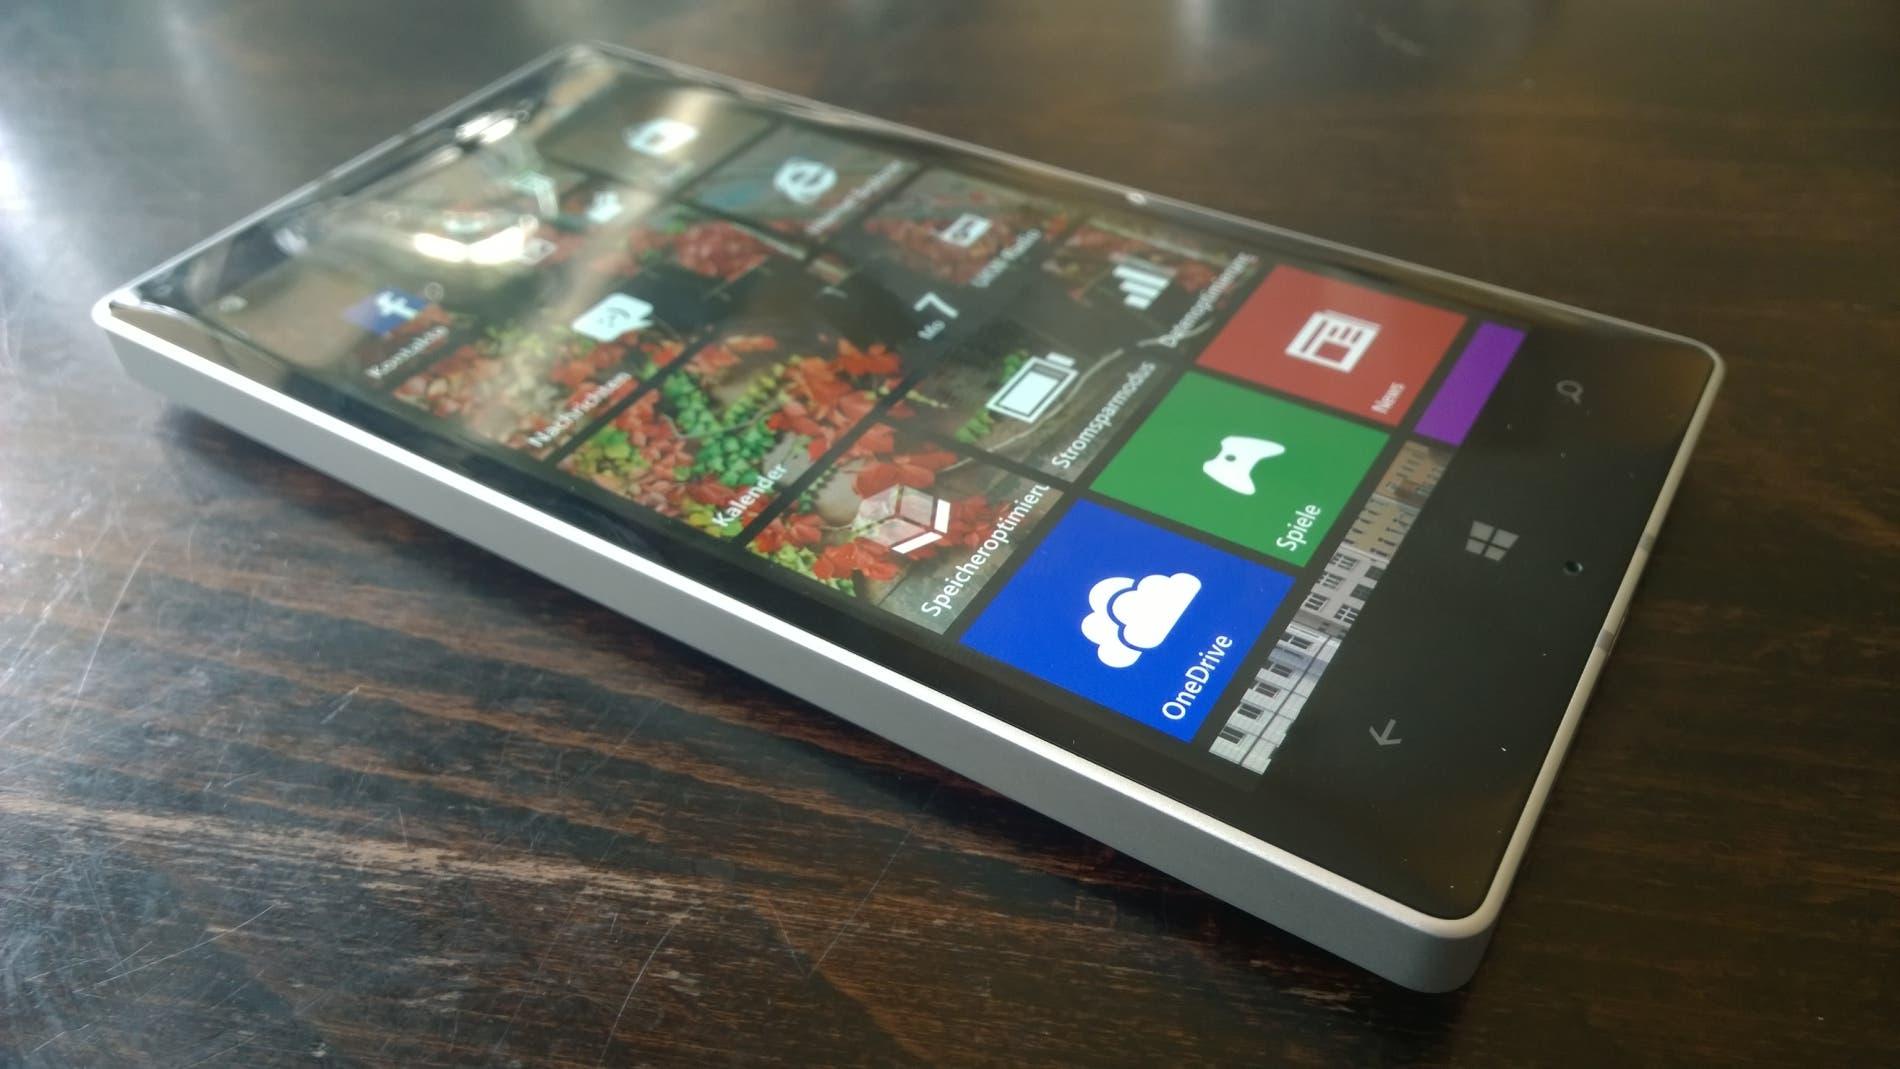 Lumia 930 Windows Mobile